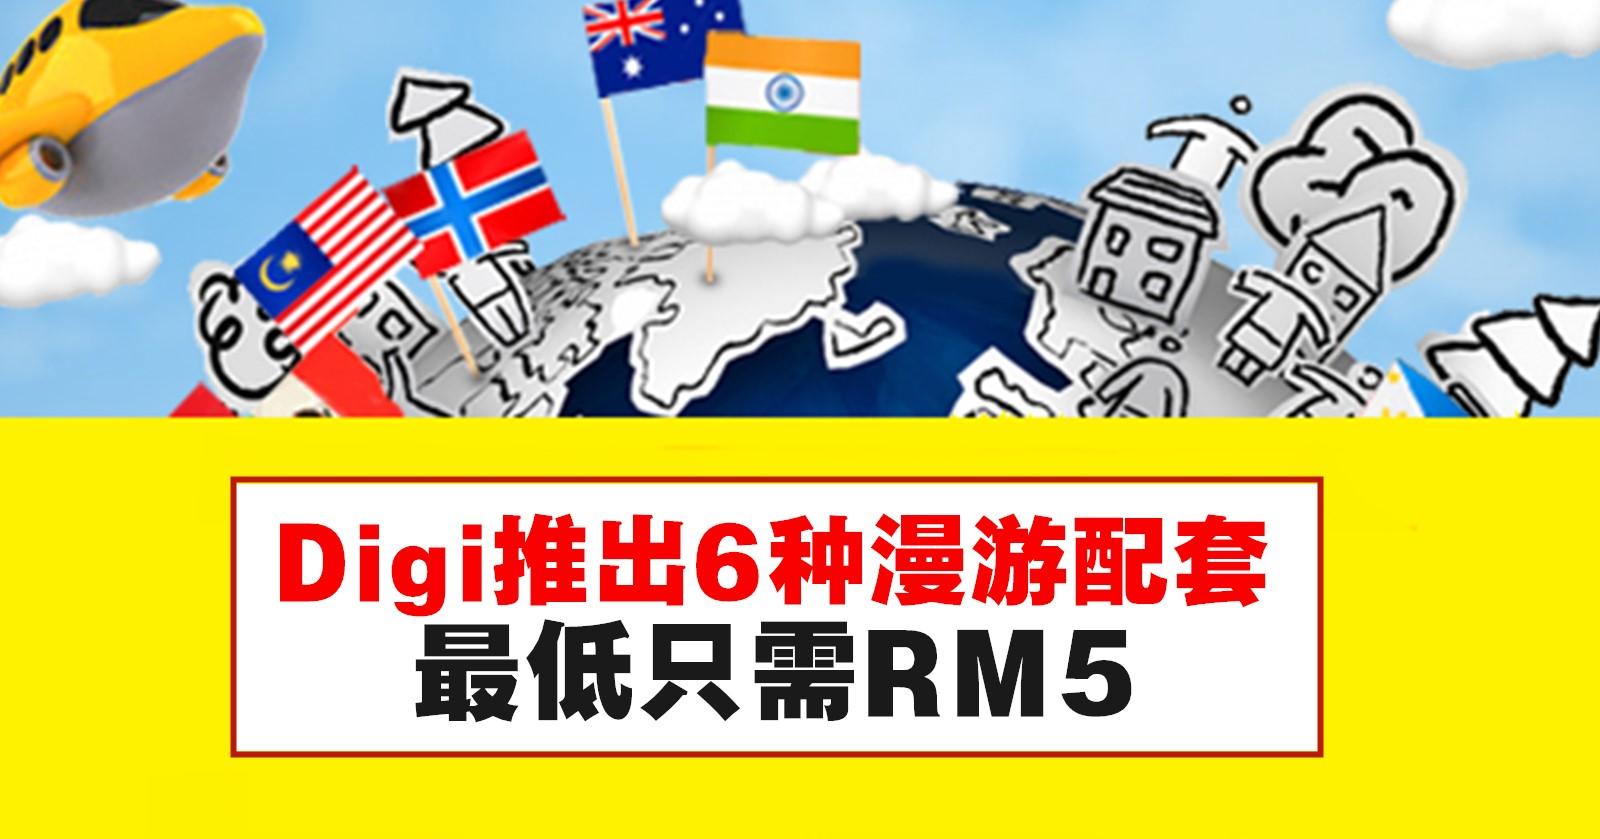 Digi推出6种漫游配套,最低只需RM5